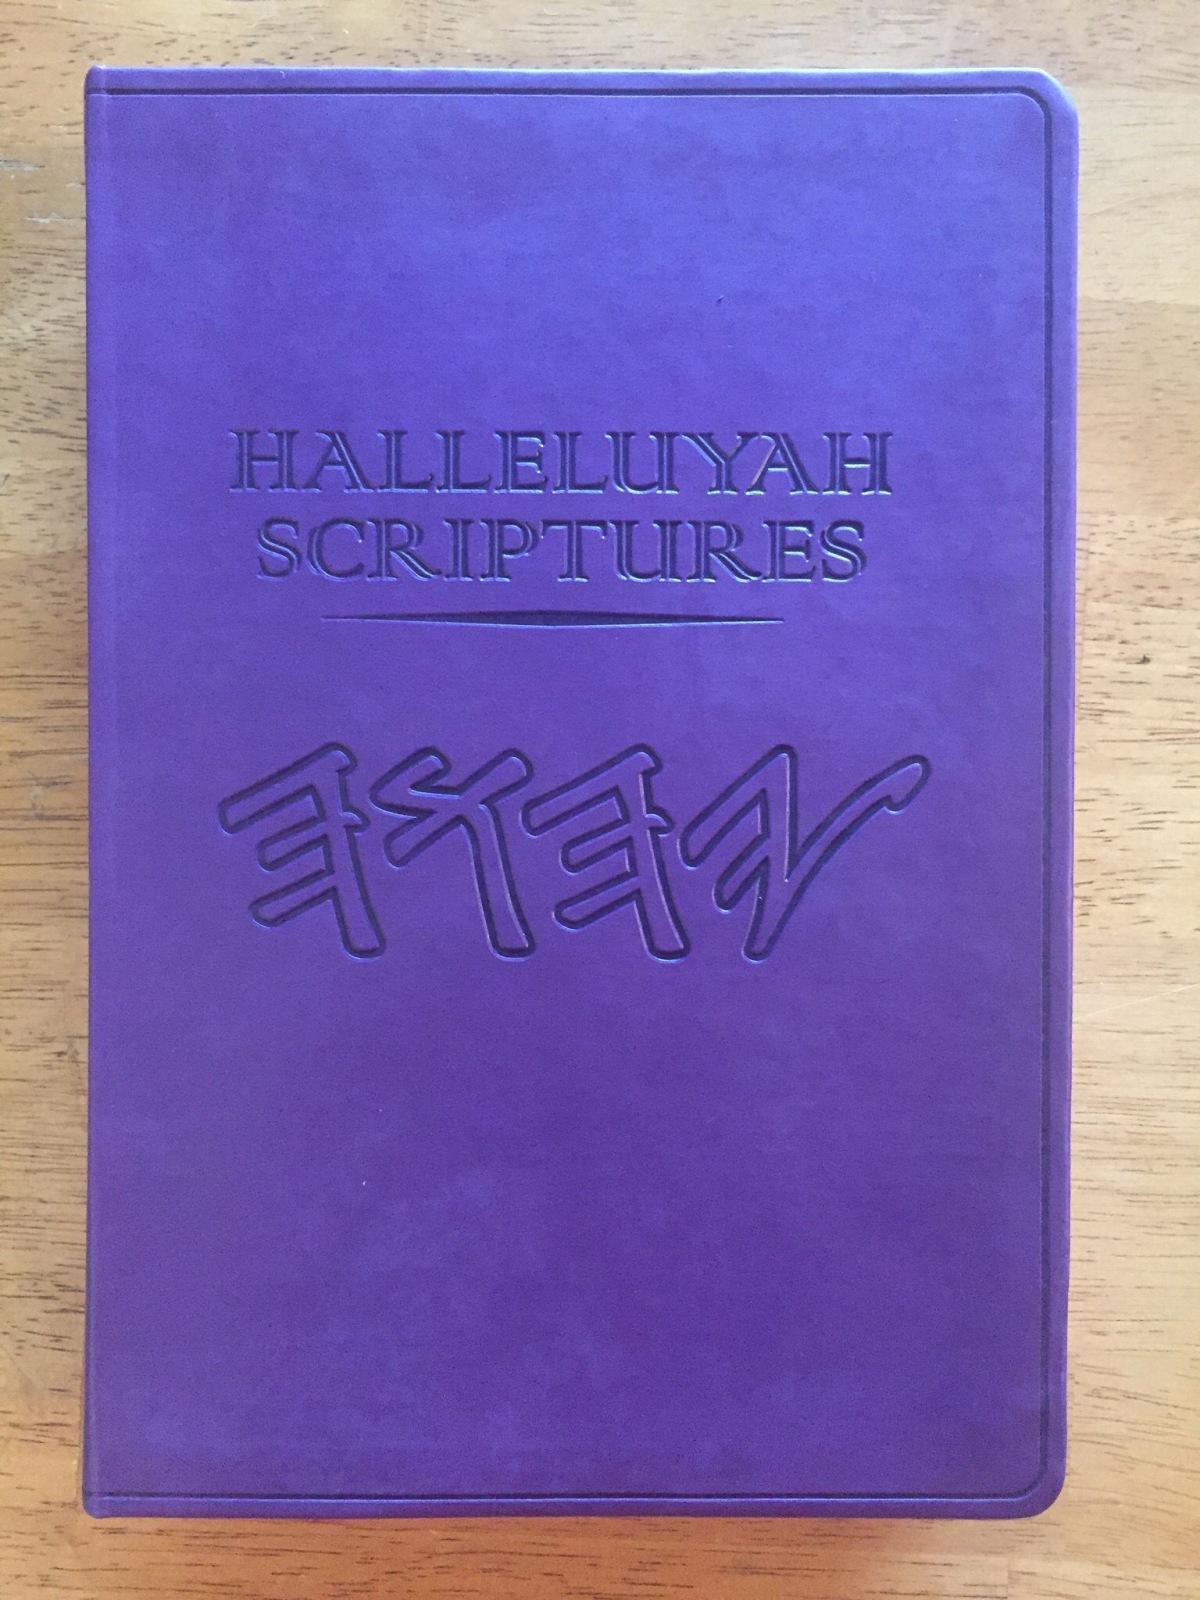 Report: HalleluYah Scriptures